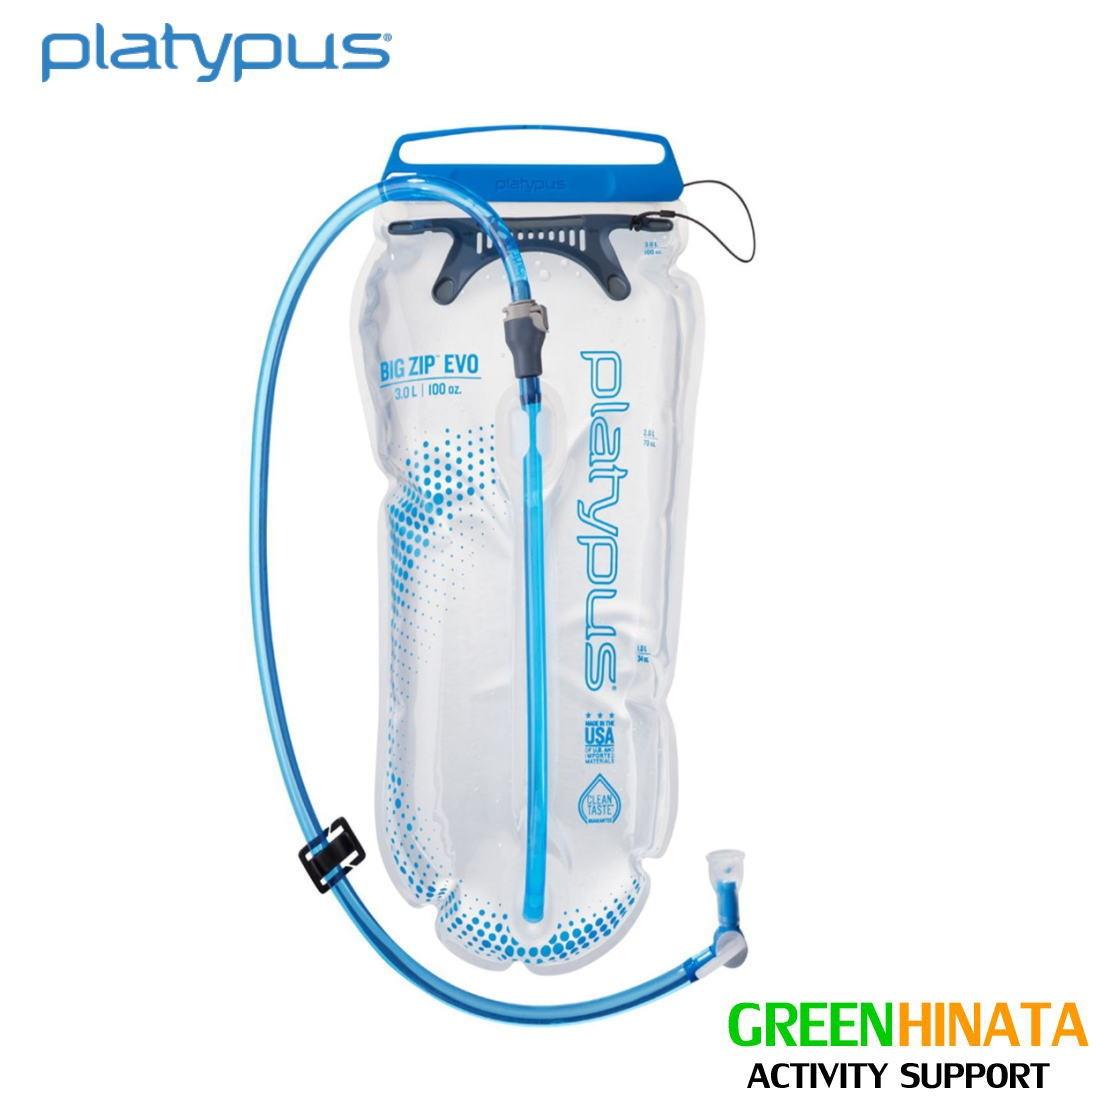 【国内正規品】 プラティパス ビッグジップEVO 3.0L バックパック用リザーバー PLATYPUS BIGZIP EVO 3.0L 水筒 ボトル ハイドレーション 25005